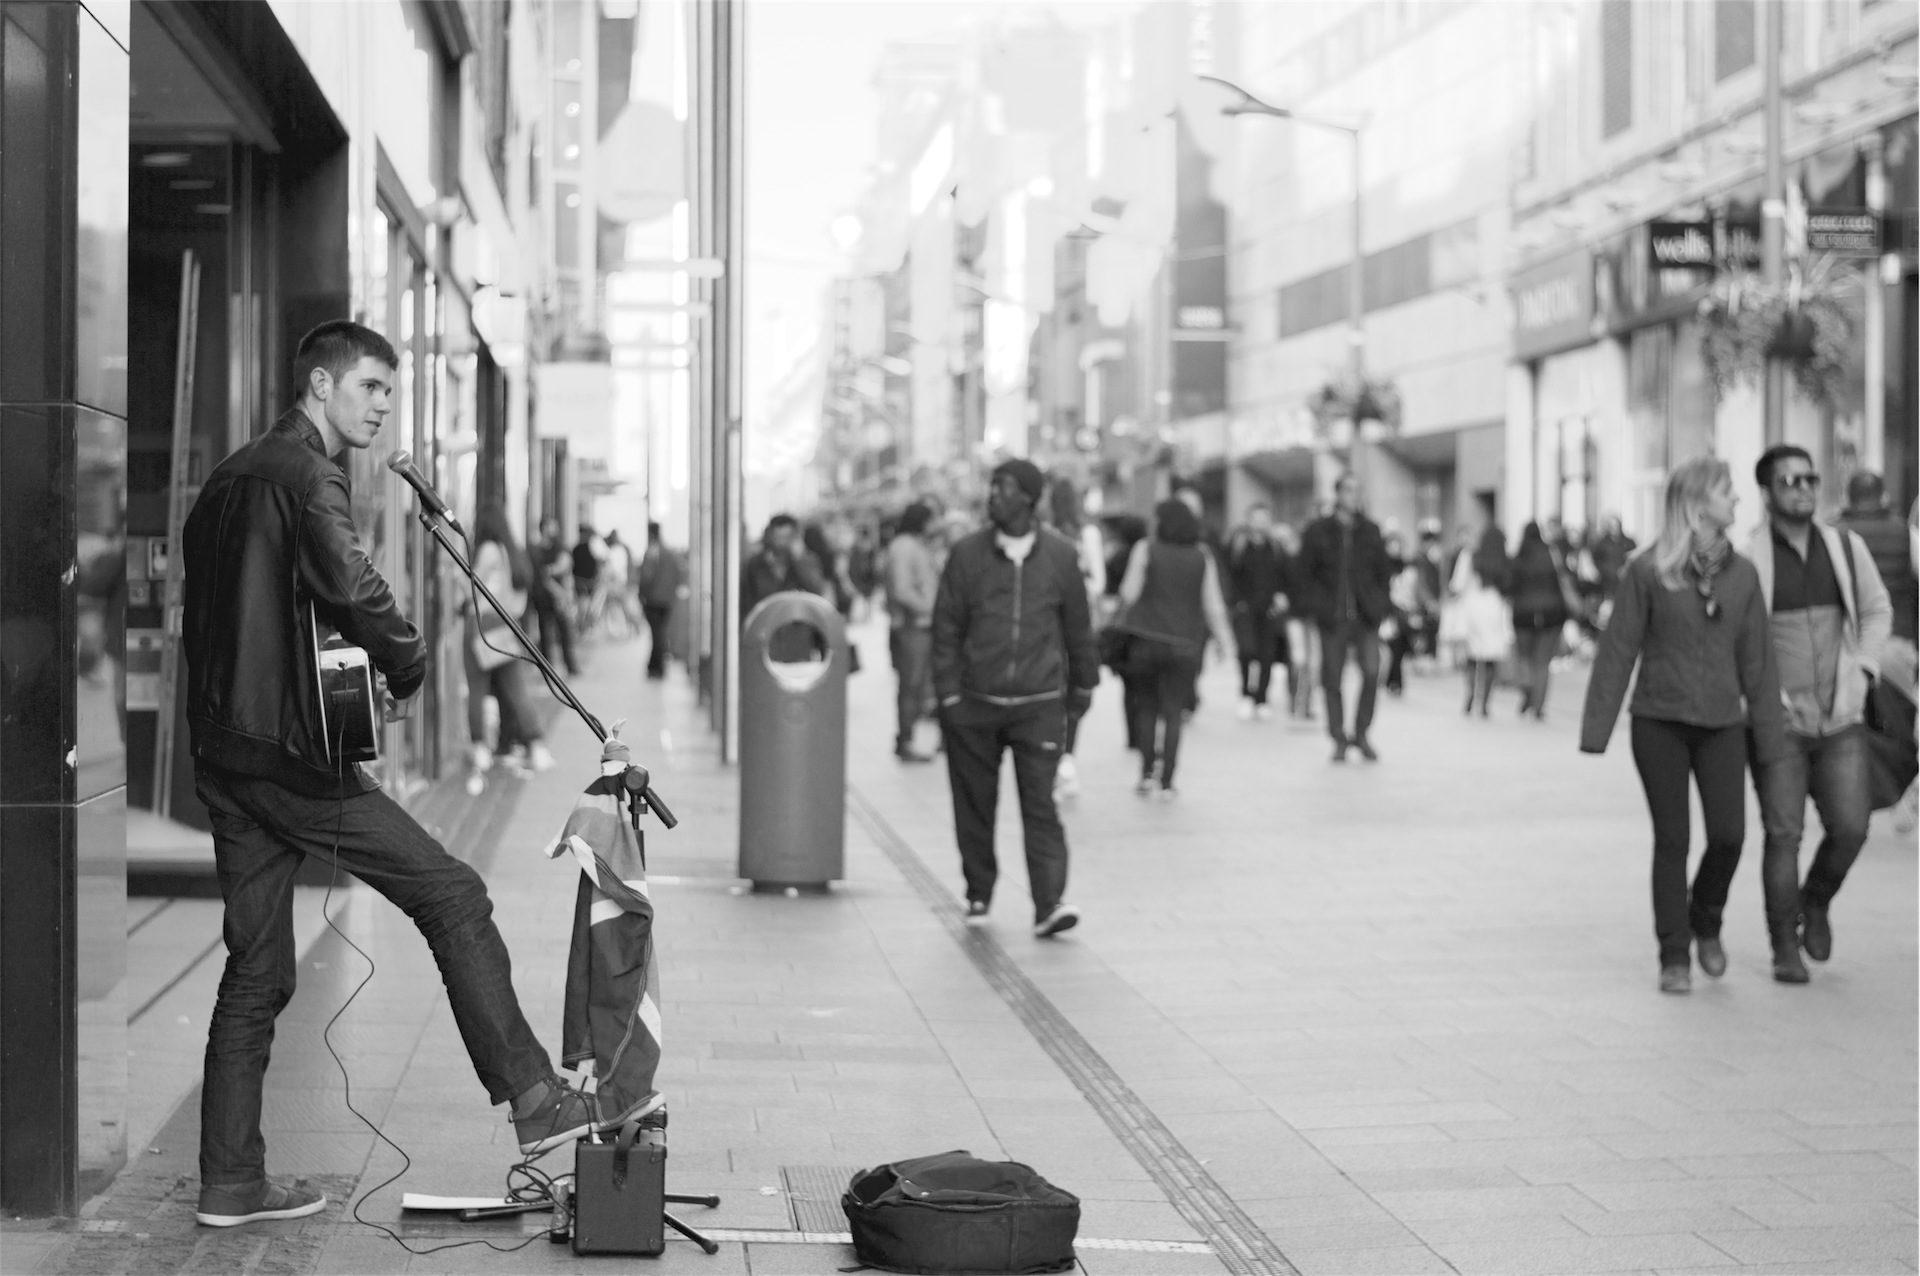 músico, callejero, limosna, gente, en blanco y negro - Fondos de Pantalla HD - professor-falken.com